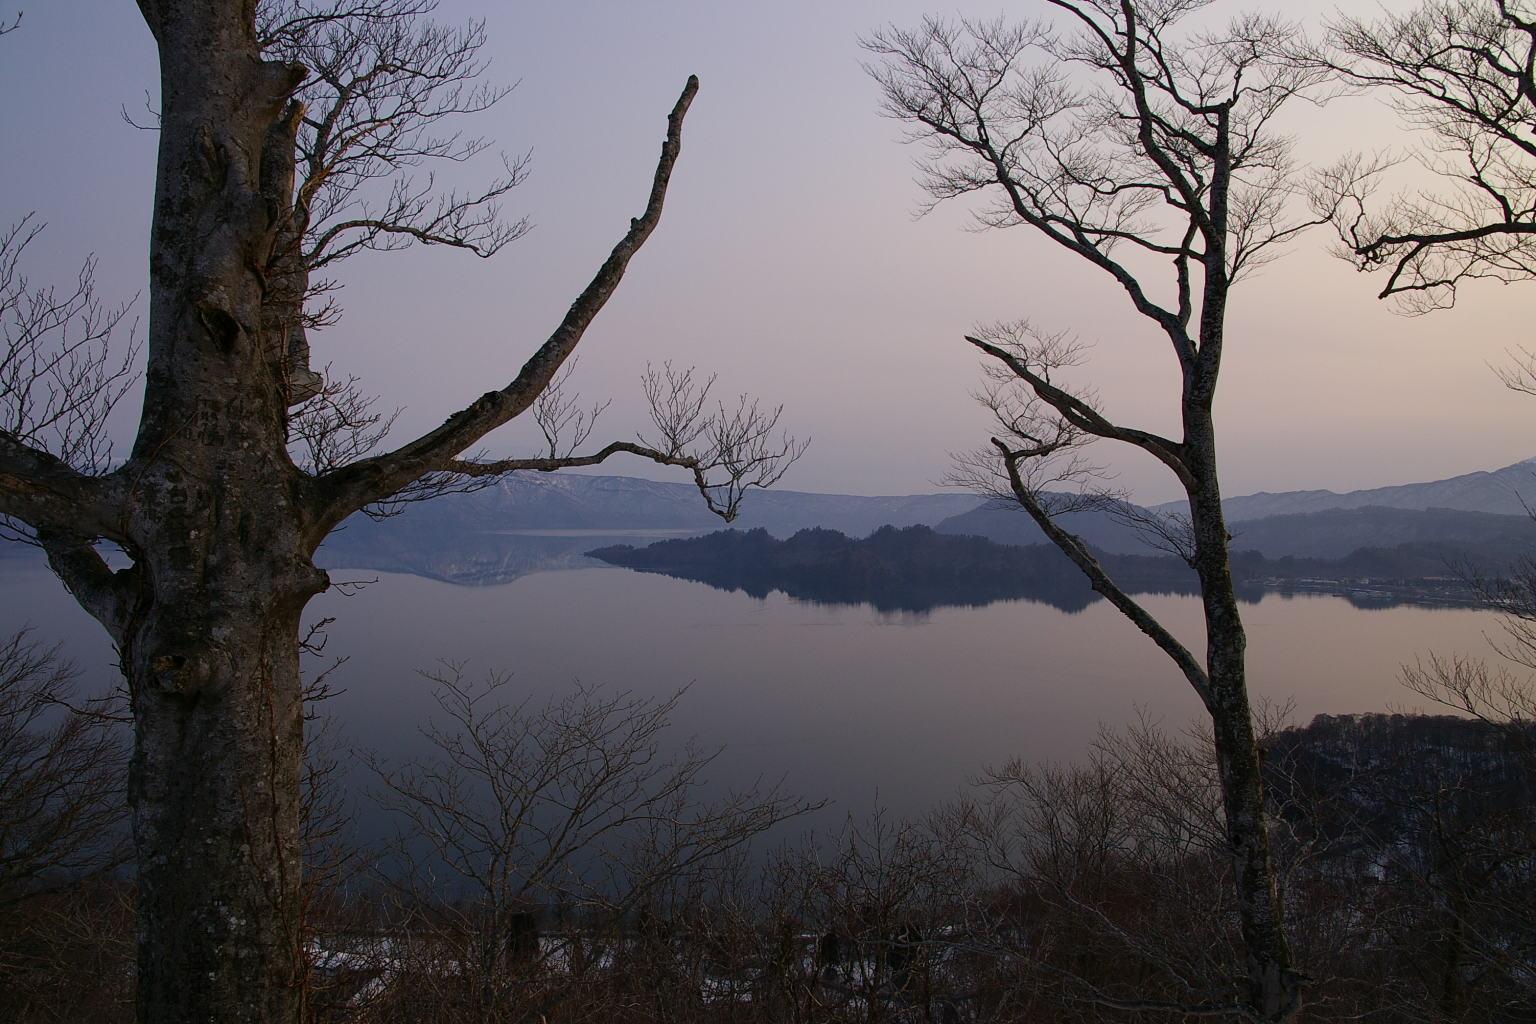 十和田湖「薄荷峠の夜明け」